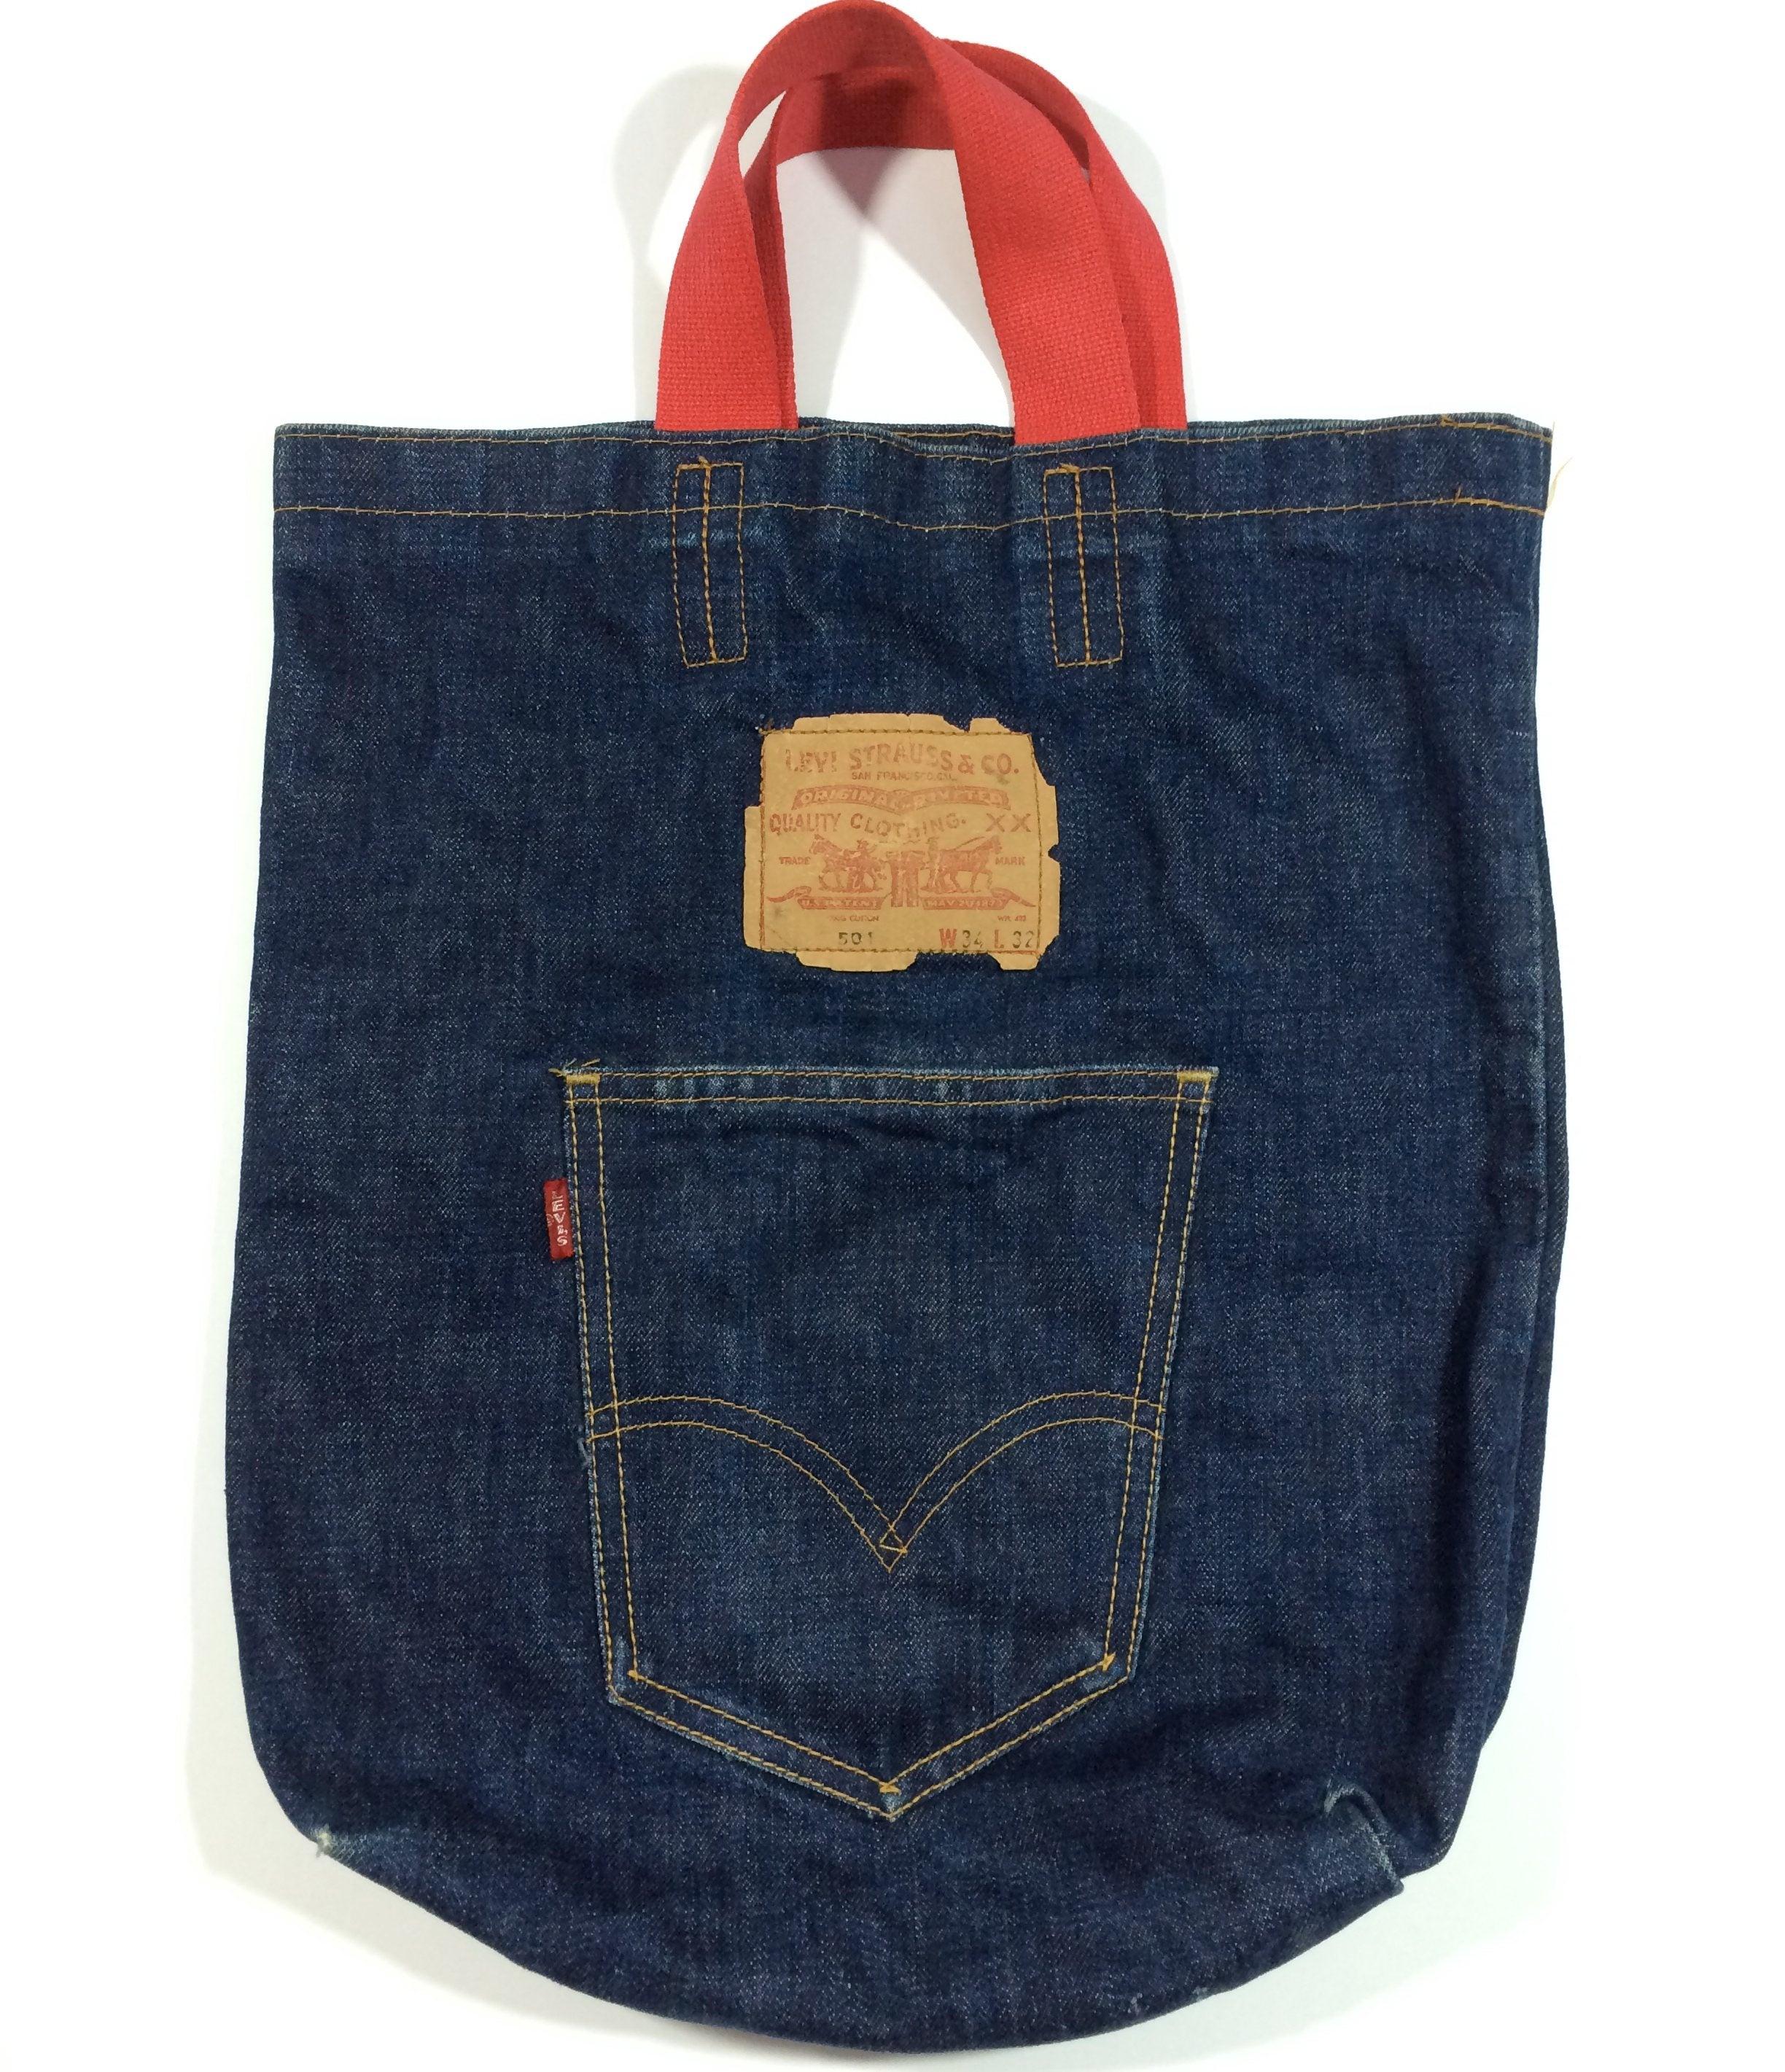 Image of Vintage Levi's denim tote bag